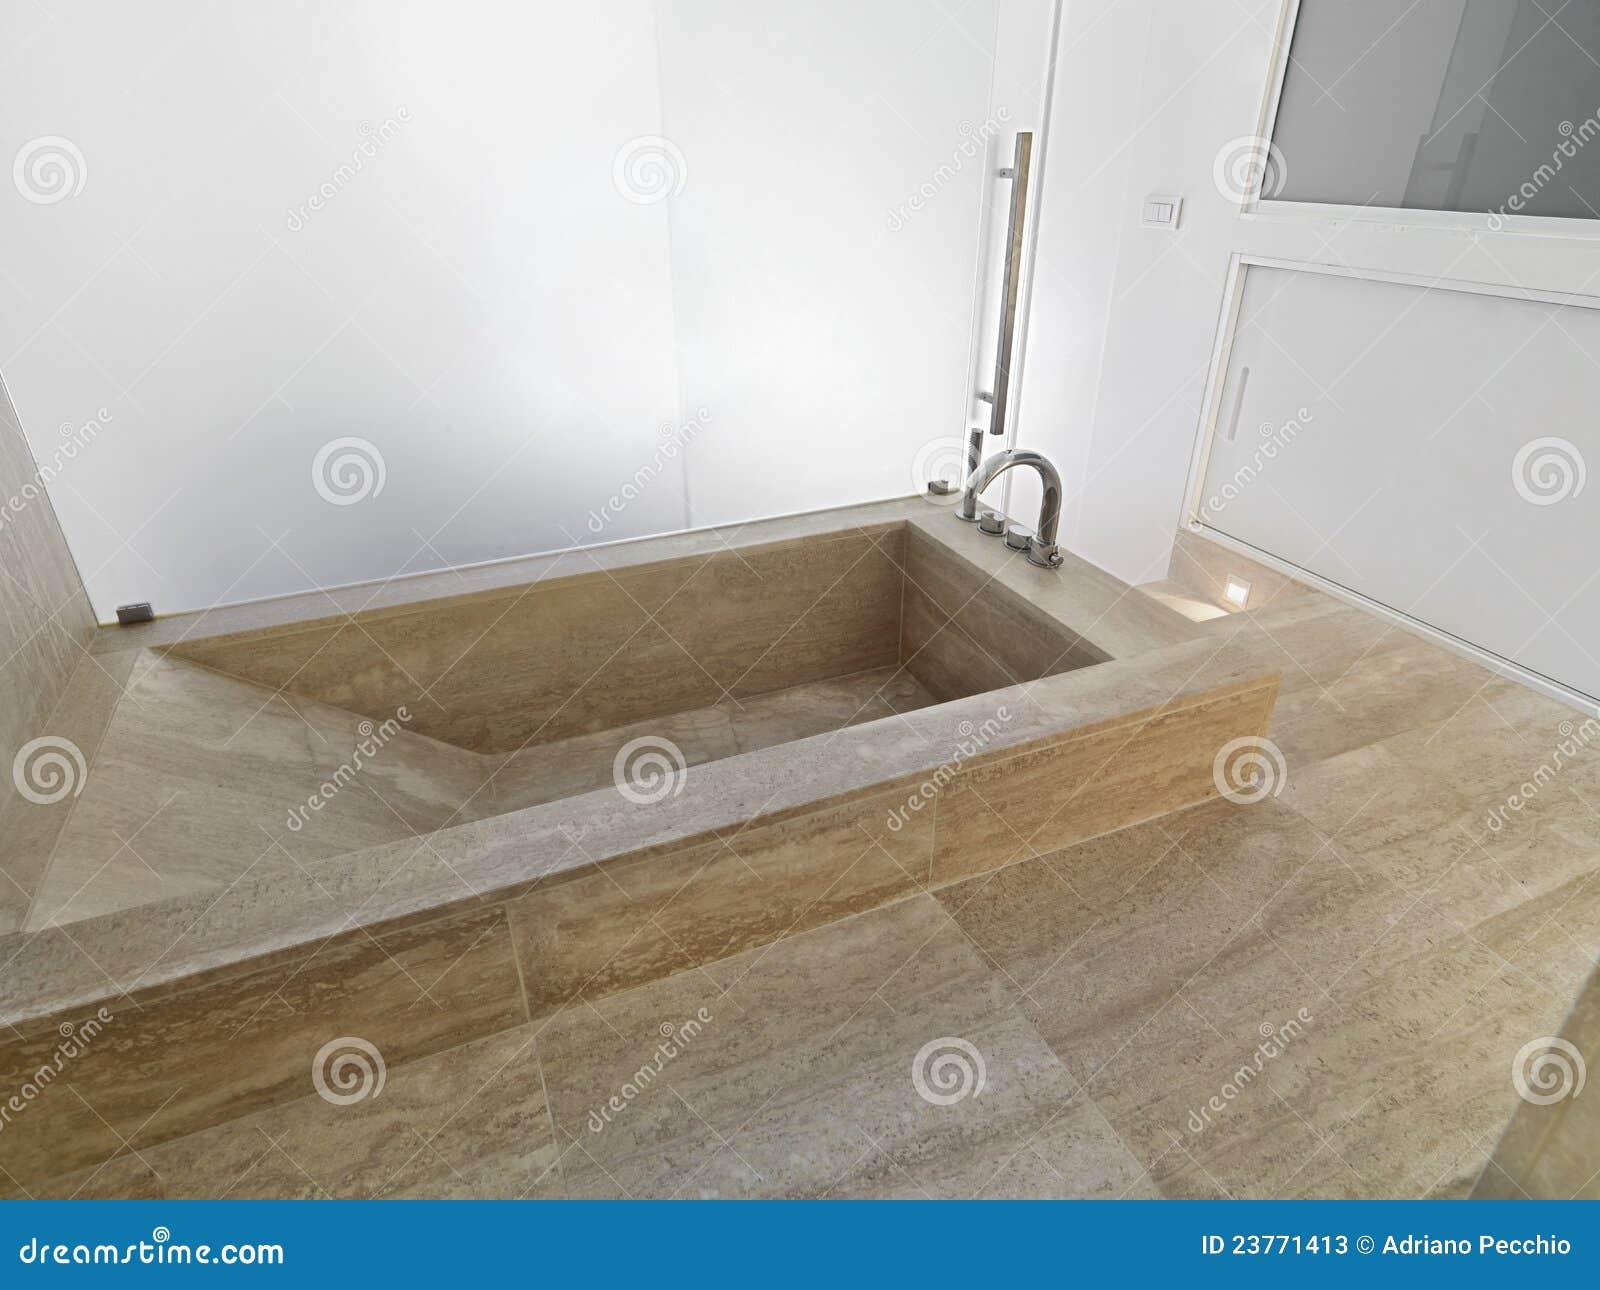 baignoire de marbre dans une salle de bains moderne image stock